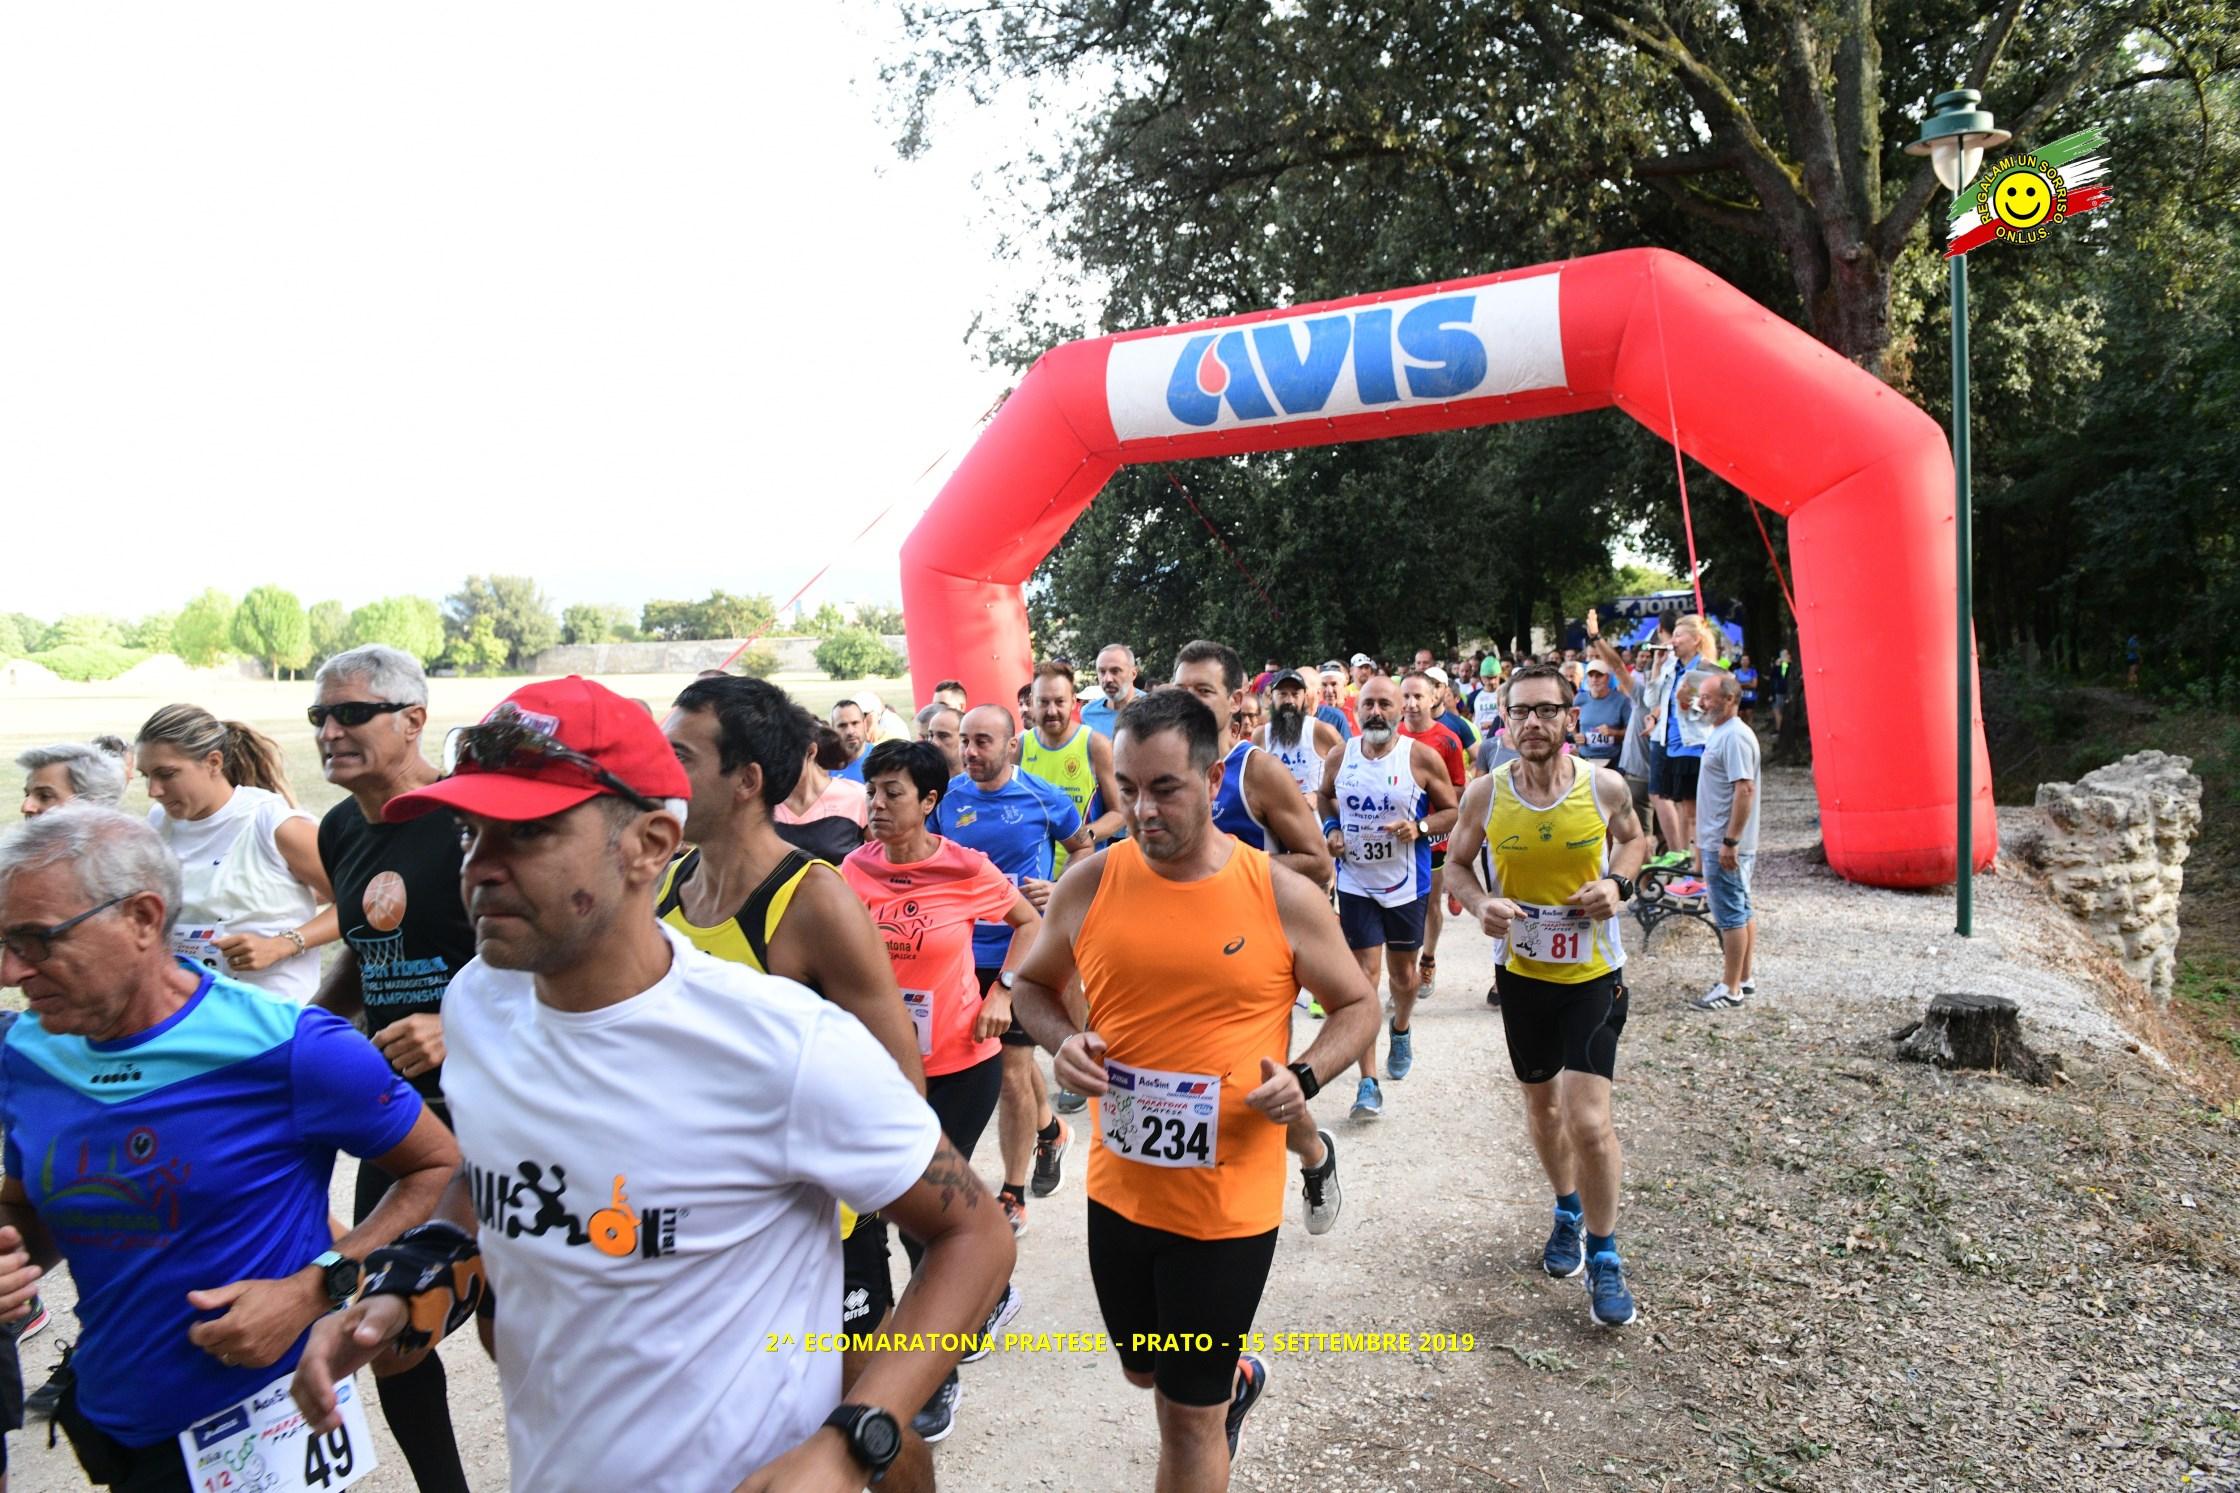 Ecomaratona2019-2